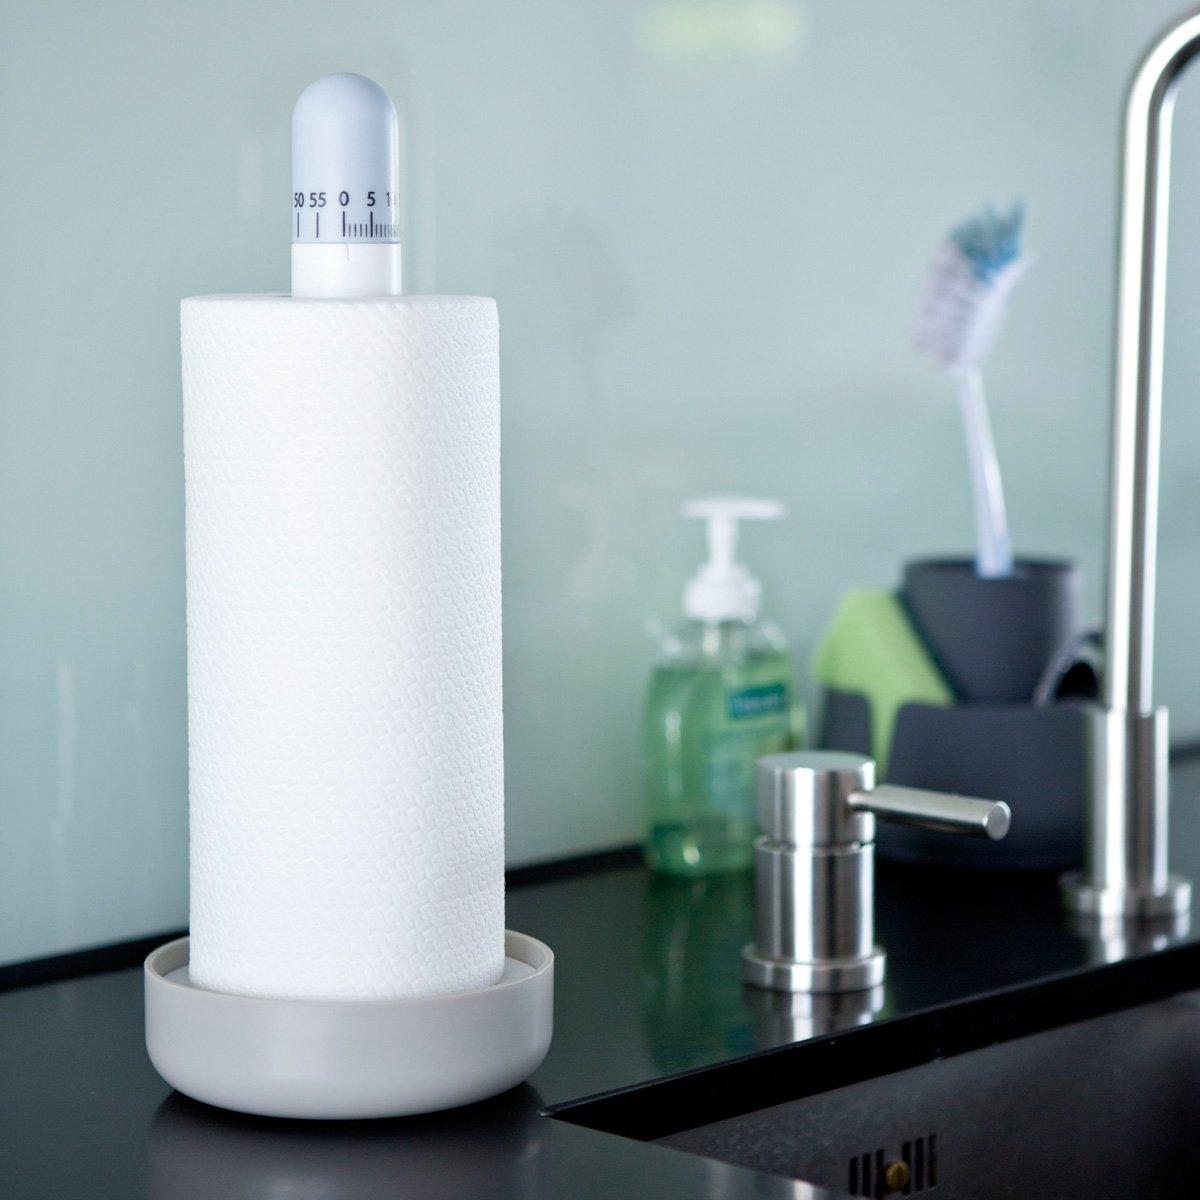 royal vkb paper towel holder    kitchen timer